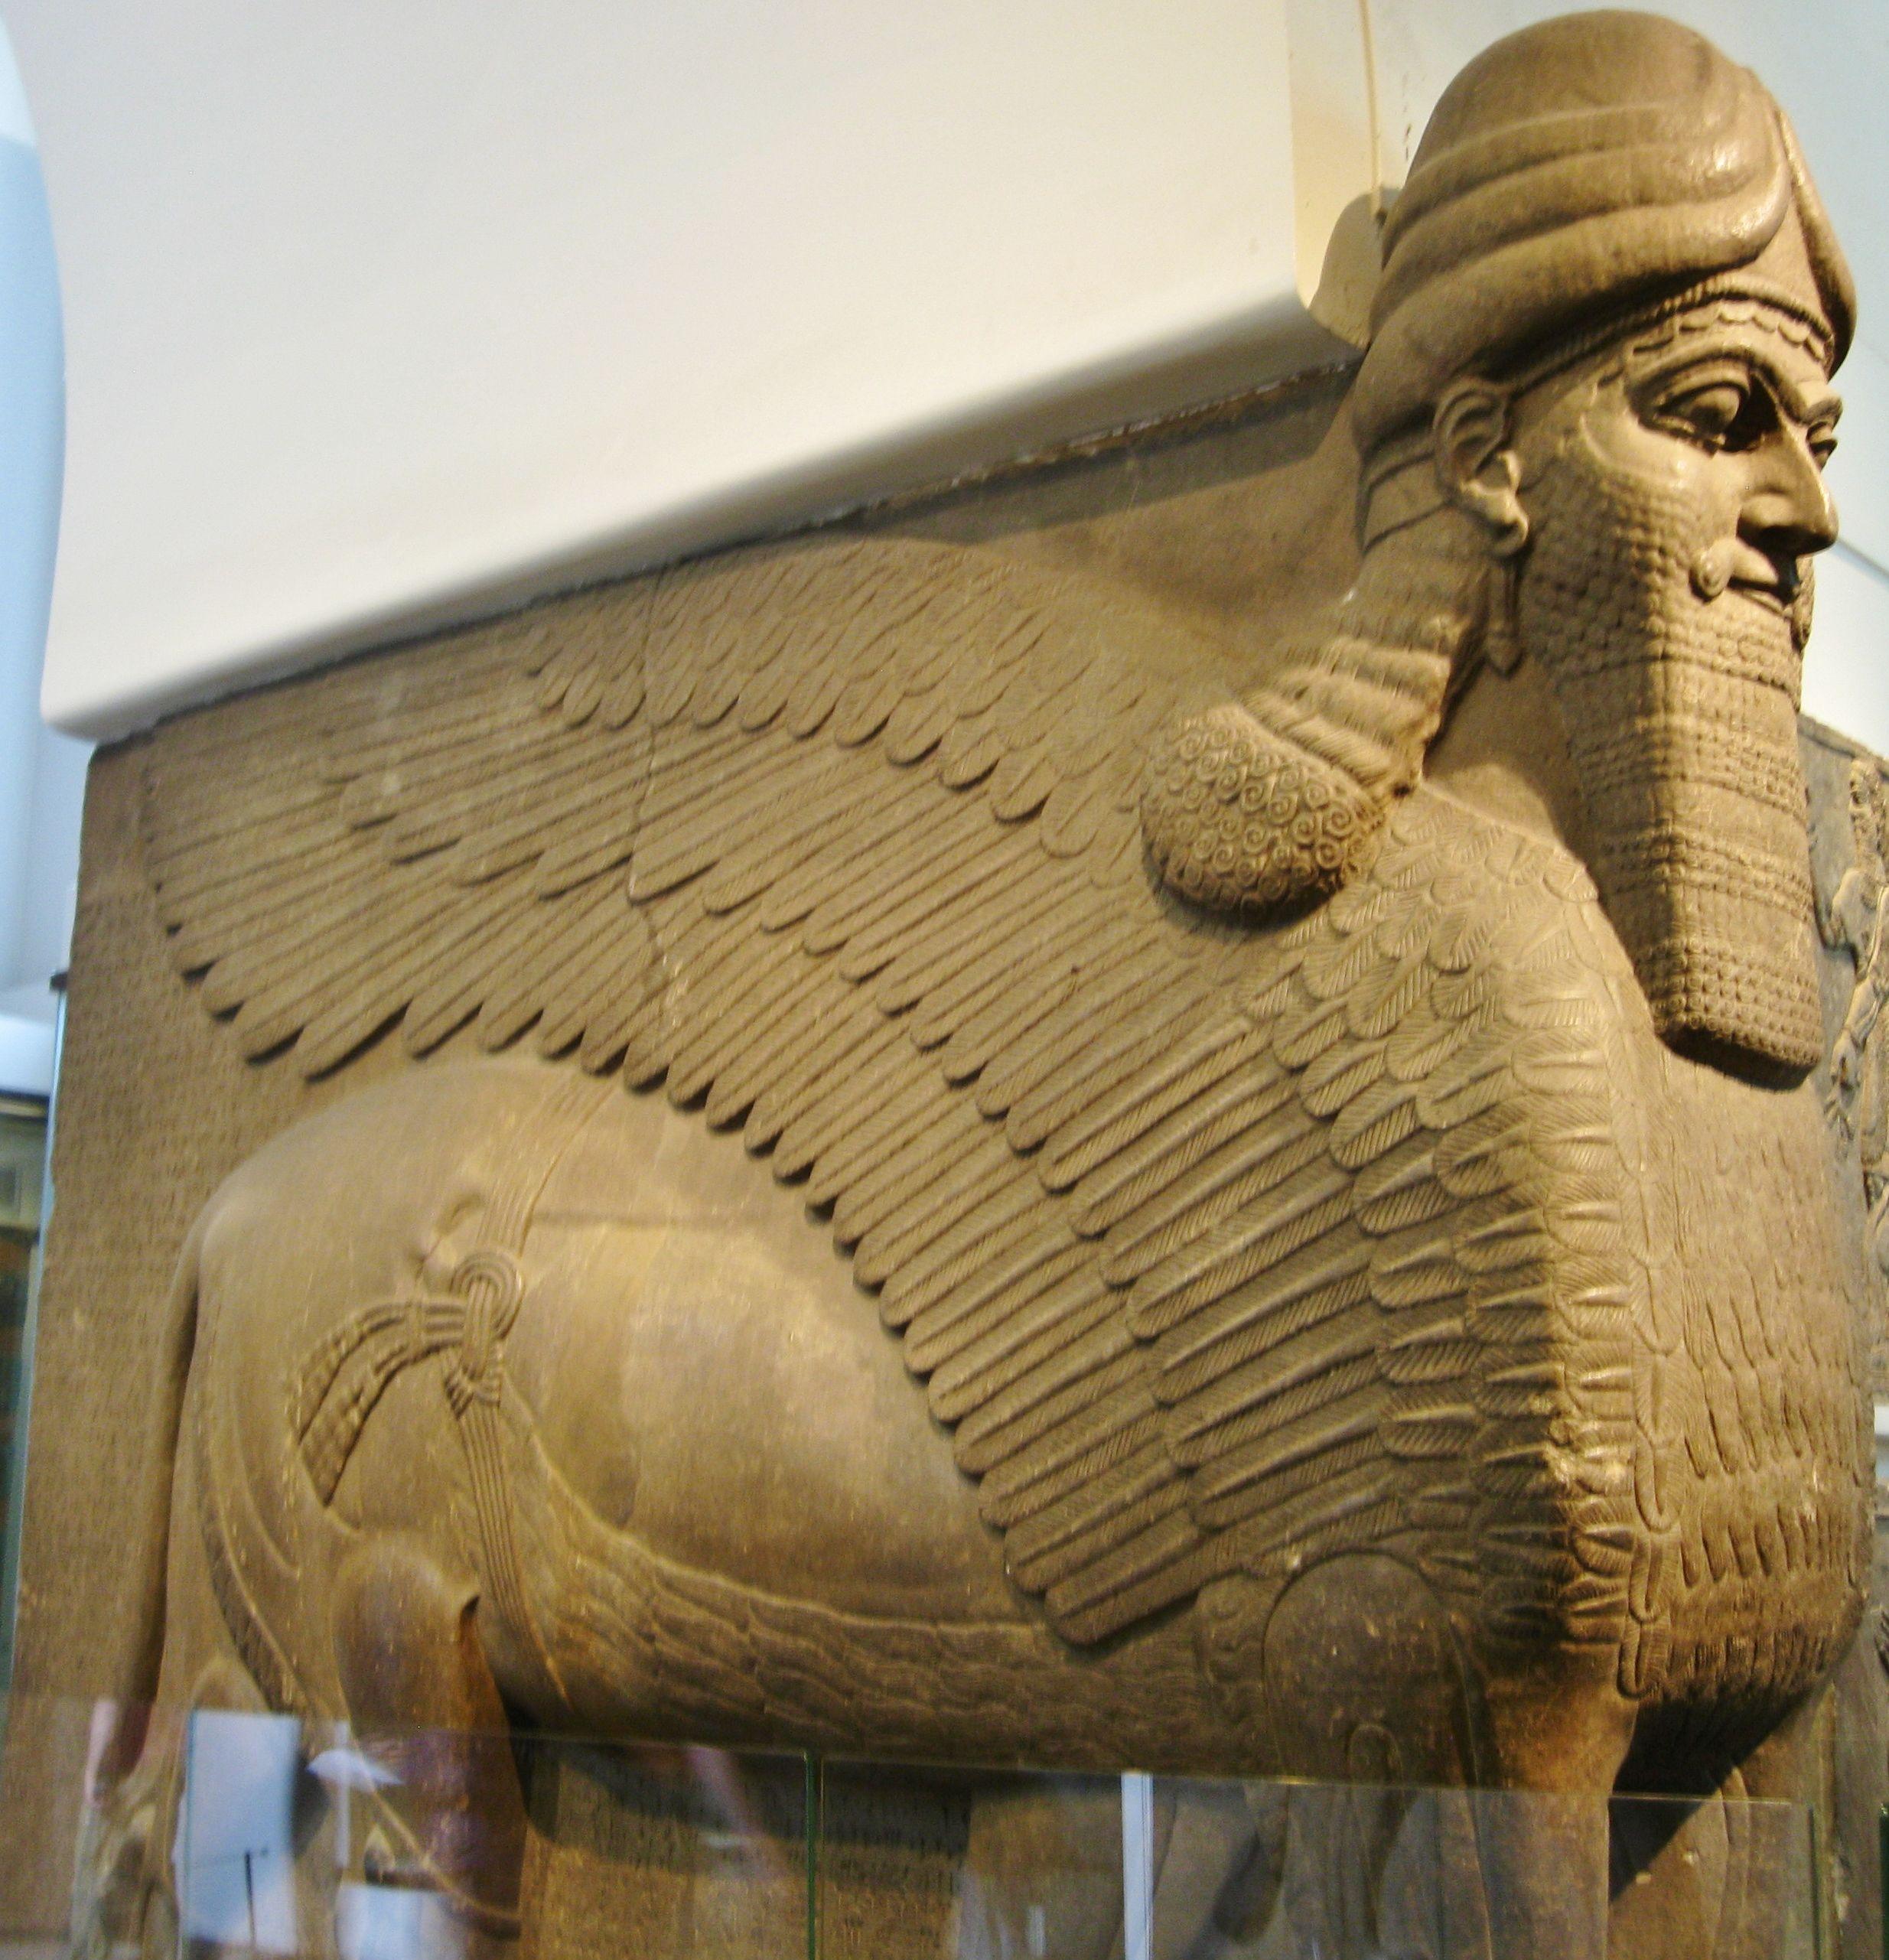 assyrian art british museum - Google Search | Assyrian Art ...